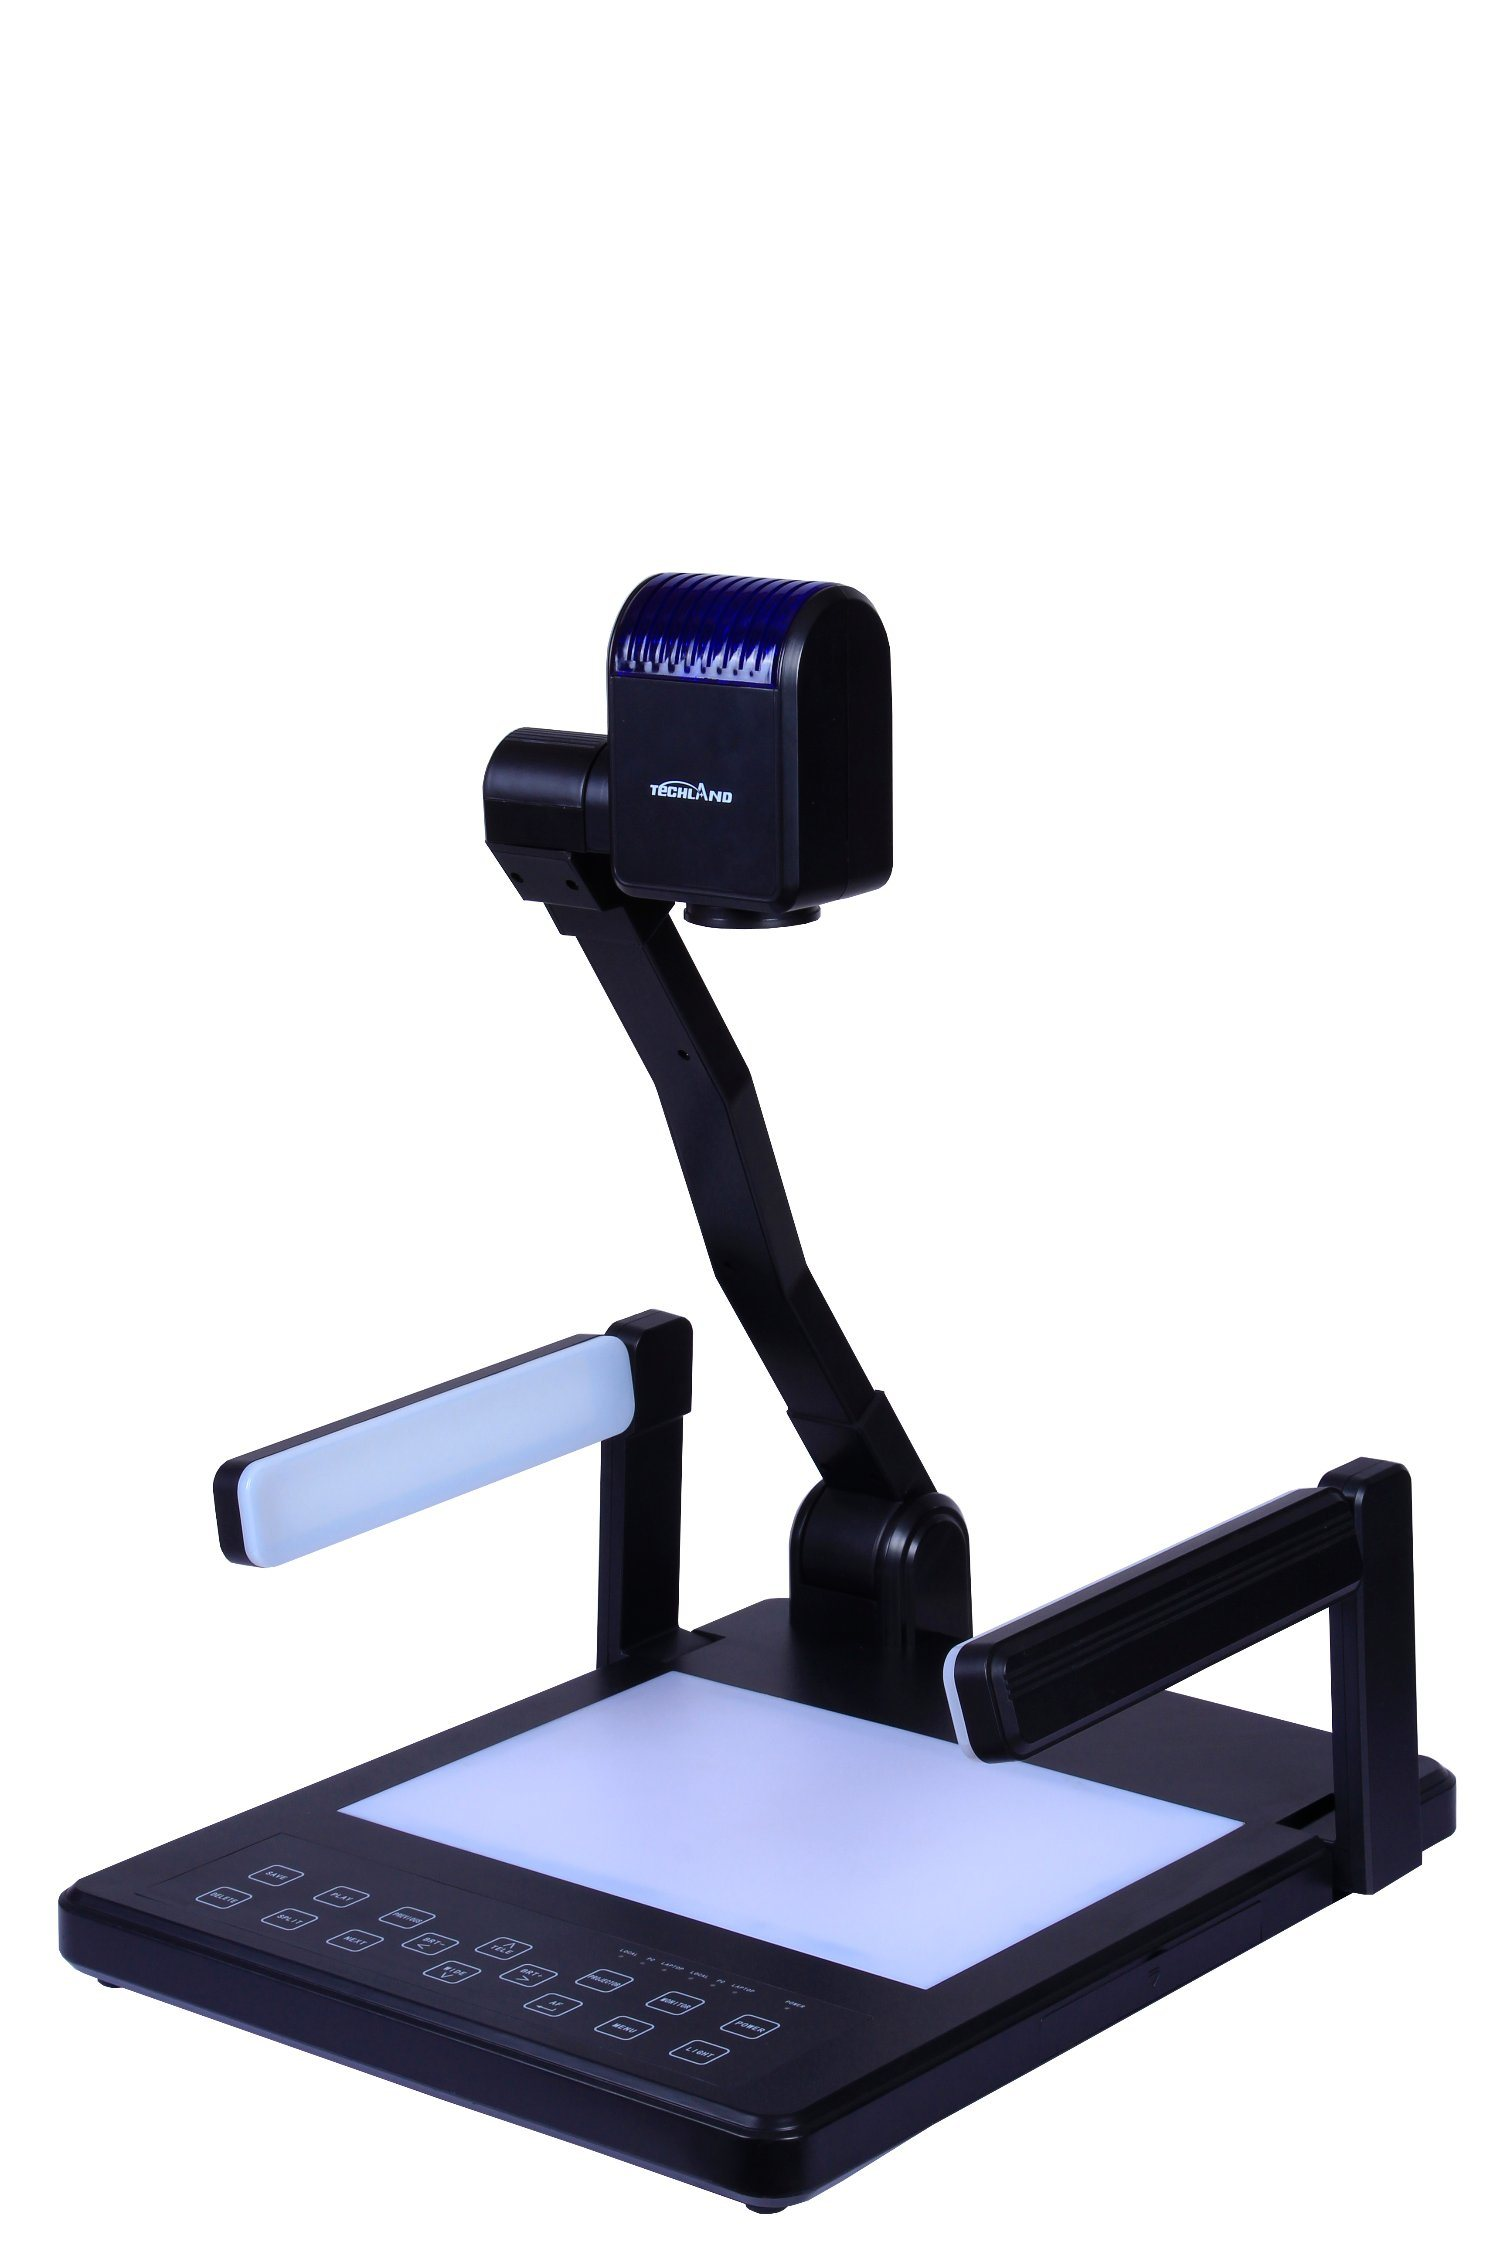 Educational Equipment Webcam Desktop Visualizer for Classroom